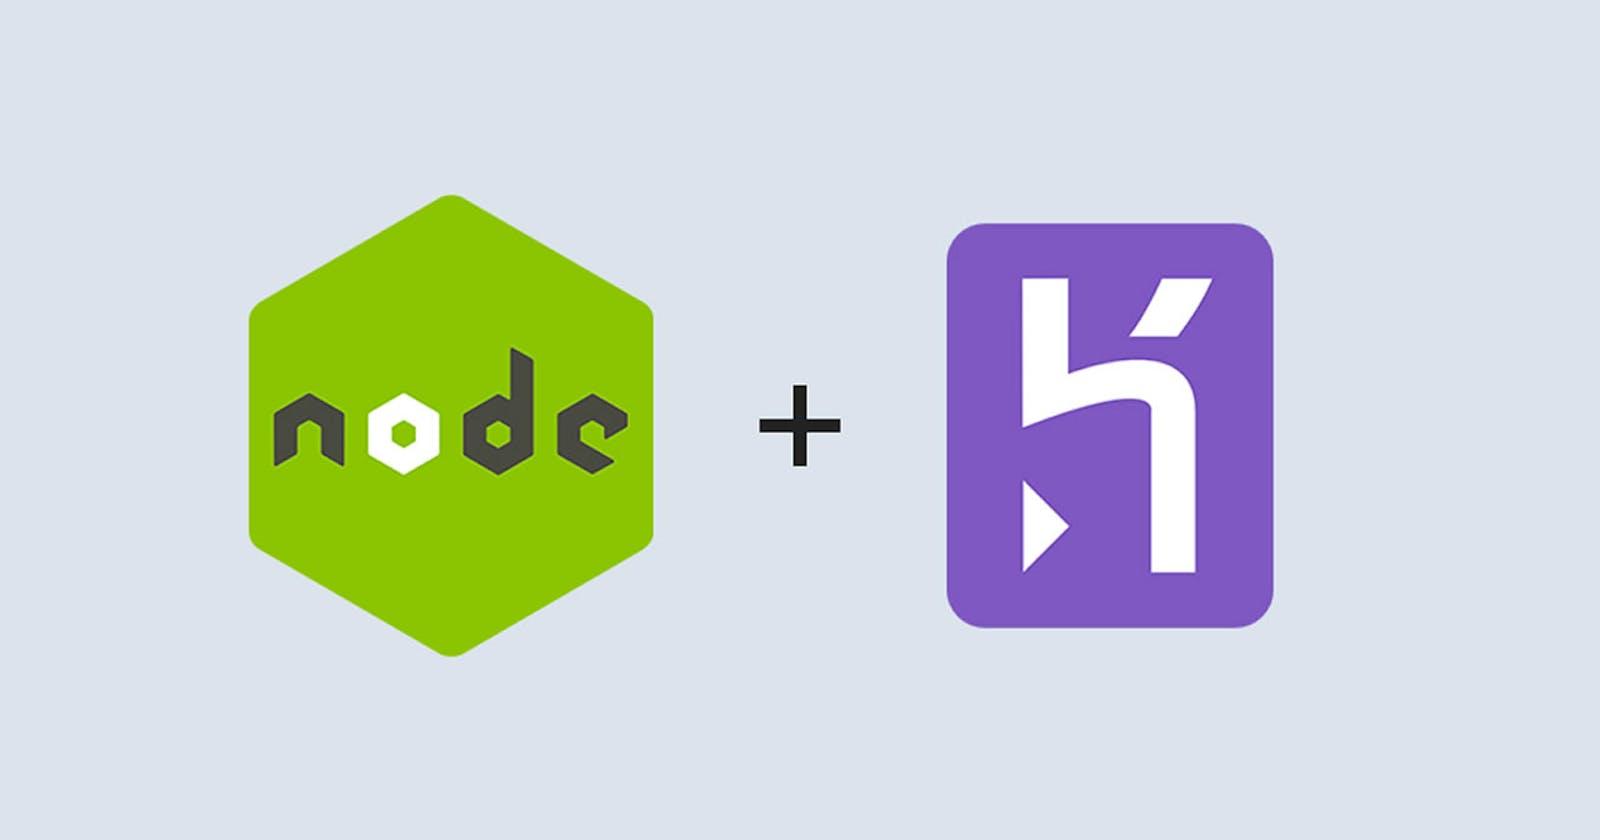 Deploying your Node.js app on Heroku using Github